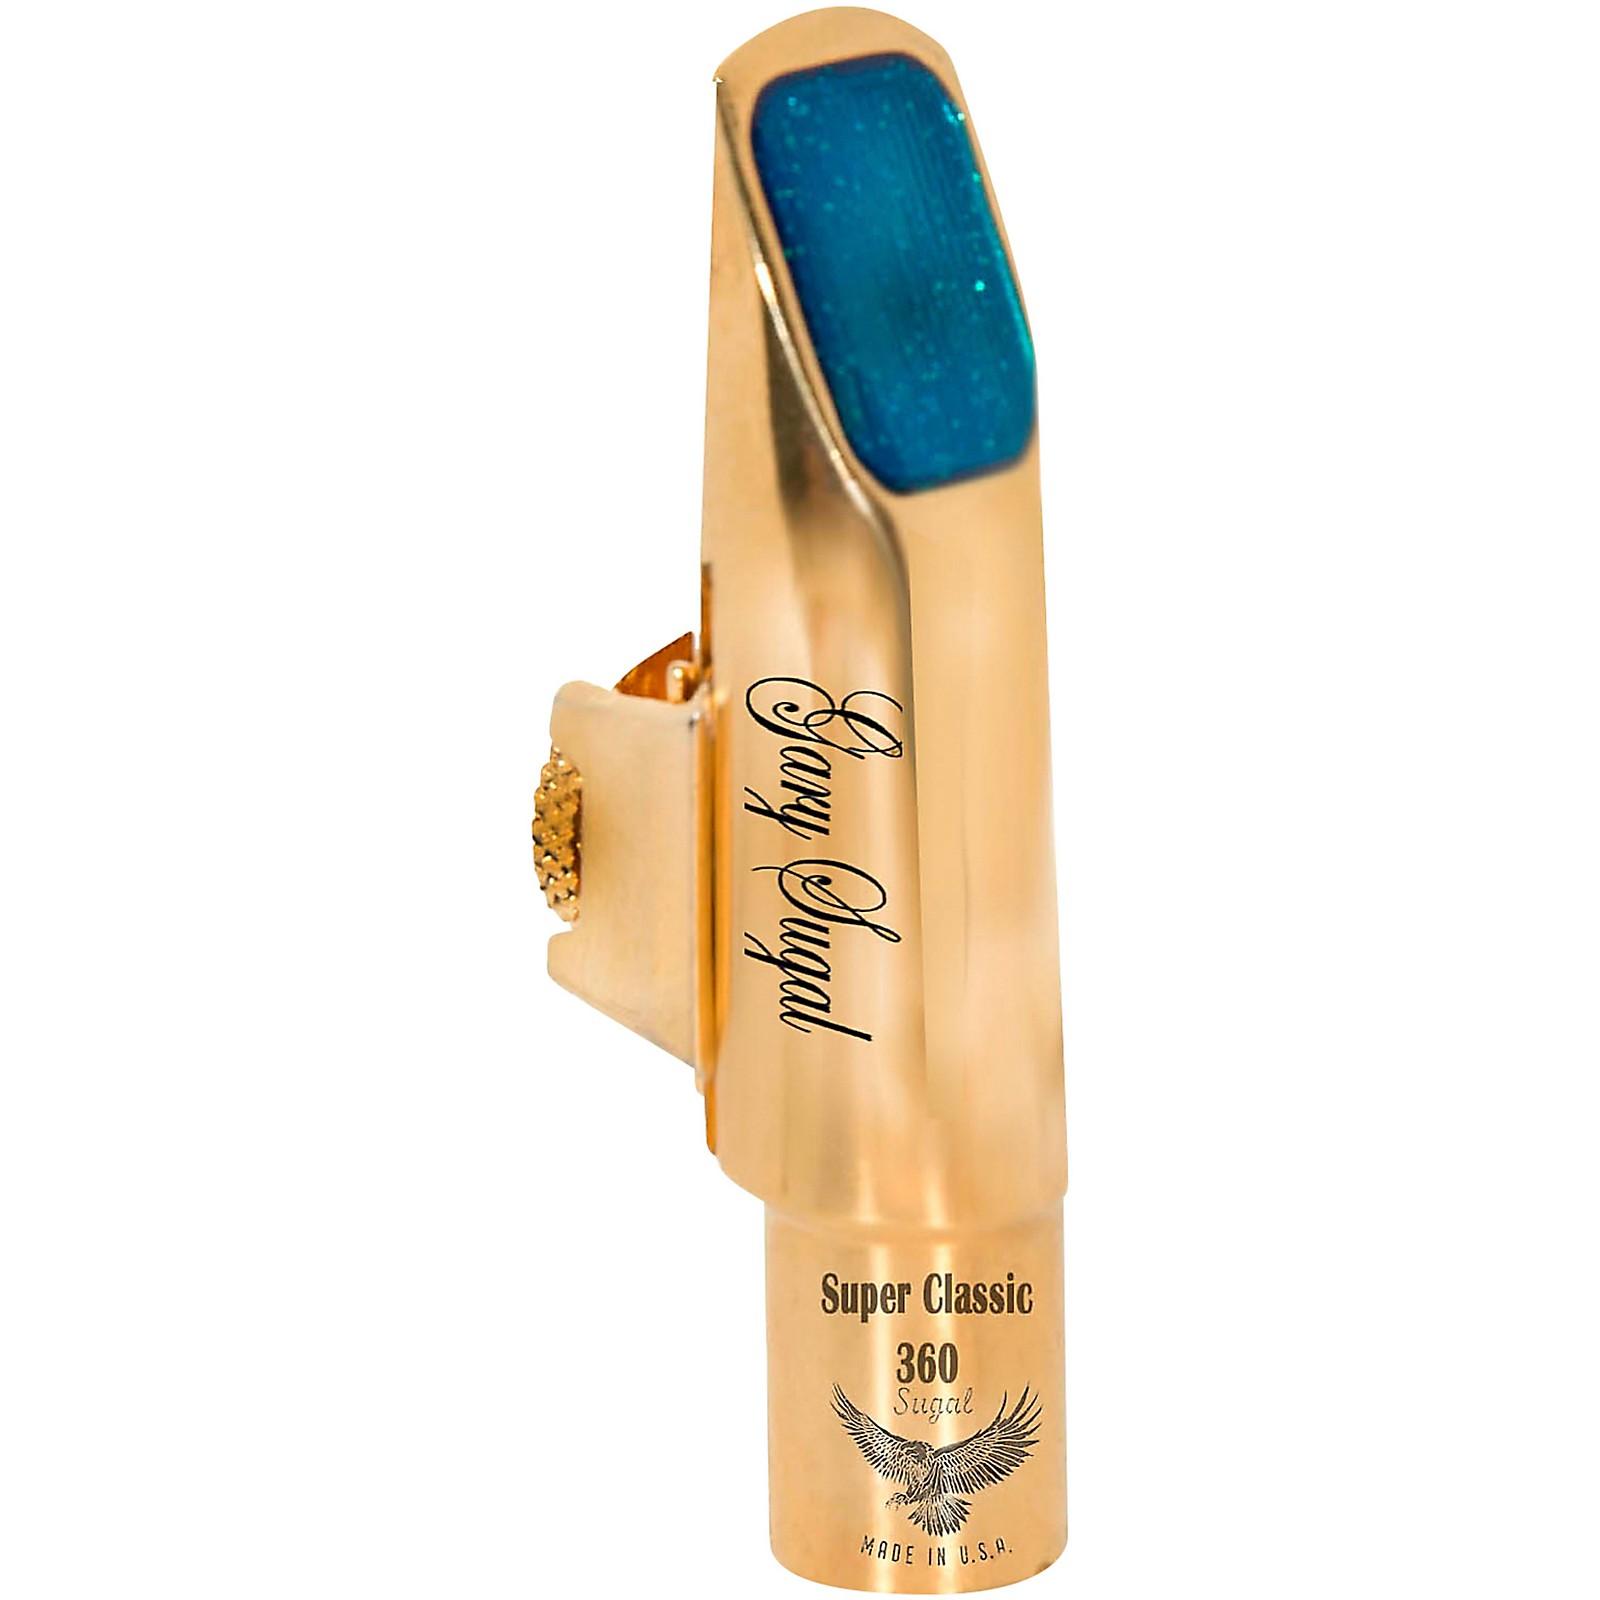 Sugal Super Classic II 360 TAM Alto Saxophone Mouthpiece